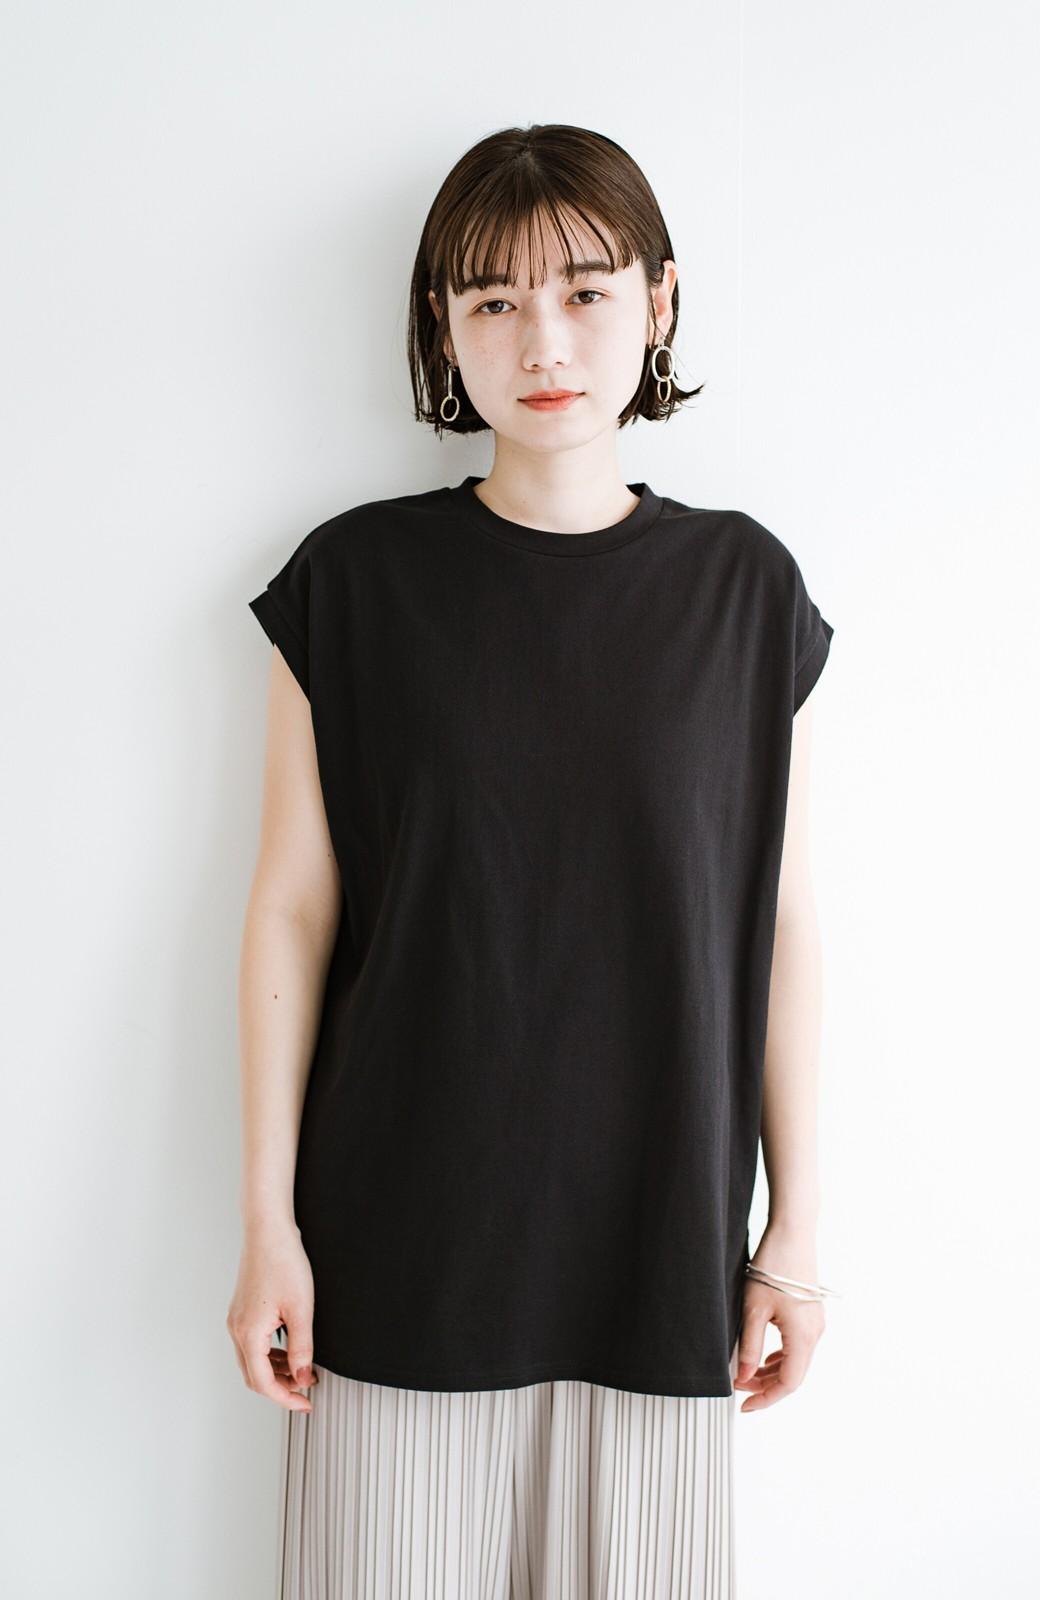 haco! 大人のTシャツこれならいける?!ちょい袖でかっこよく見せるTシャツ by que made me + PBP <ブラック>の商品写真3